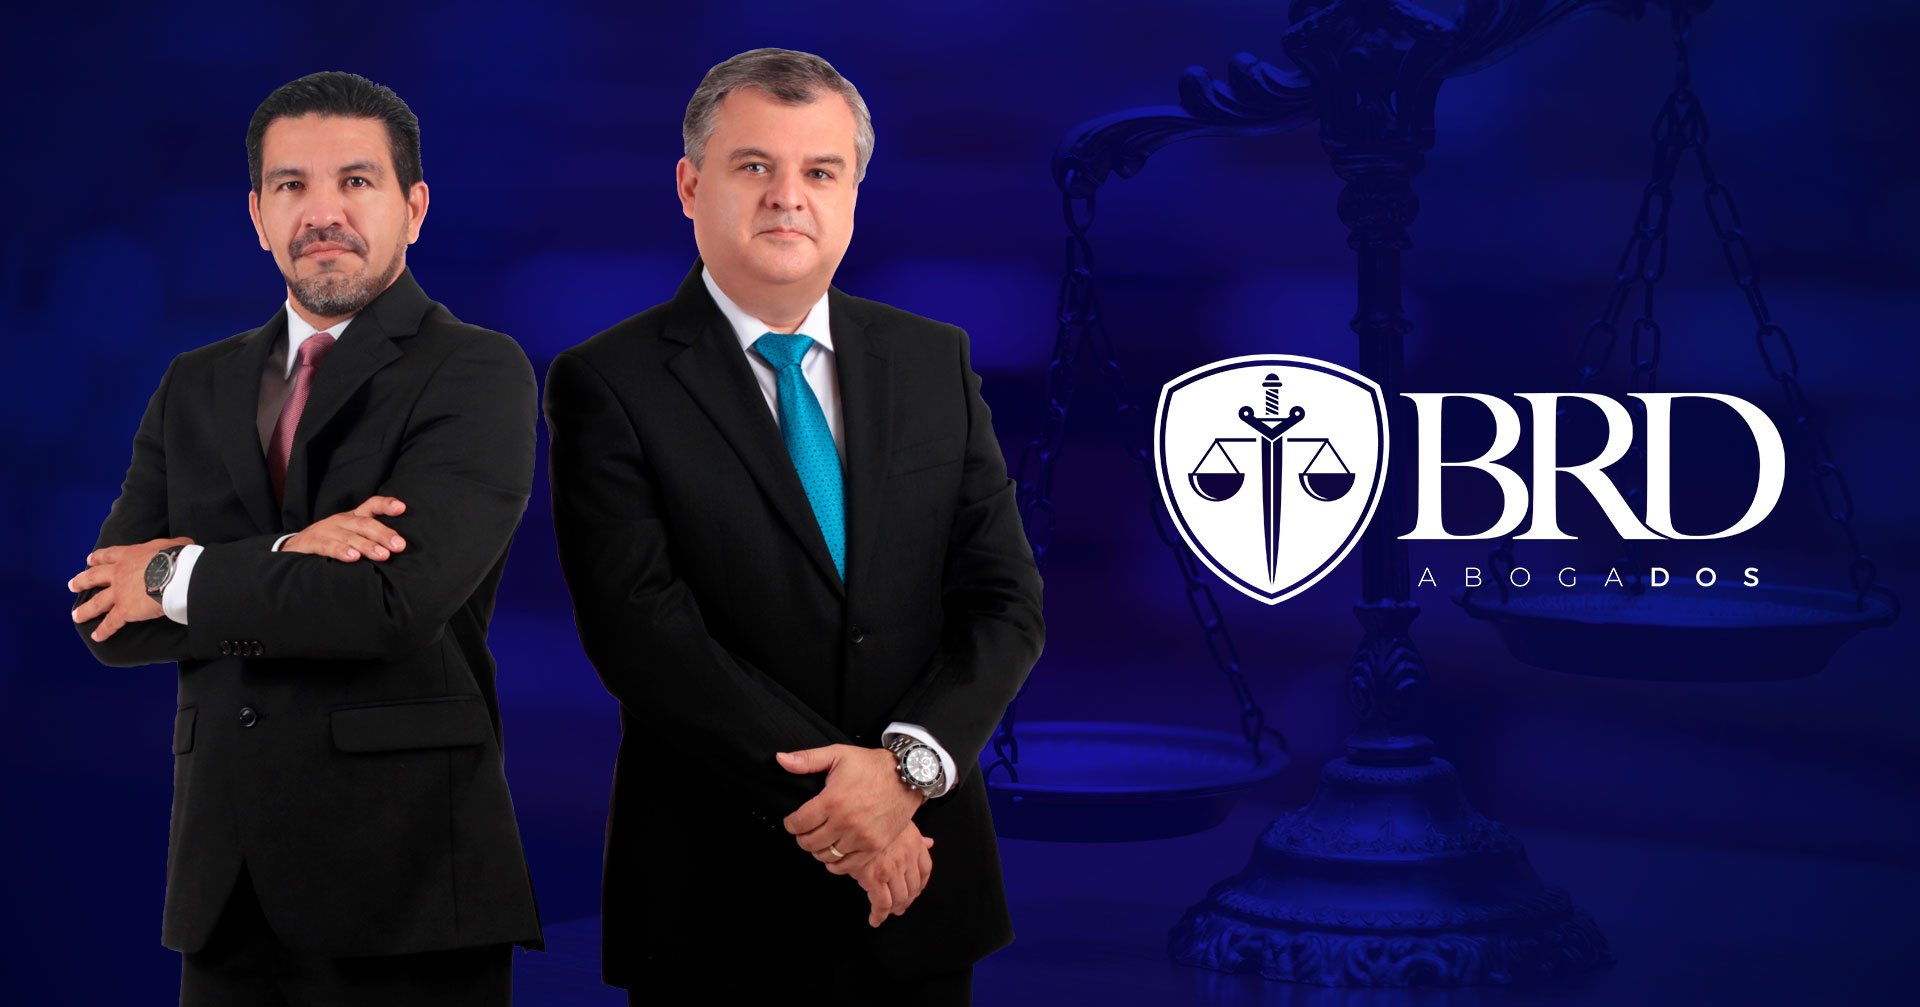 Lic. Alfonso Ruiz y Lic. Alberto Delgado